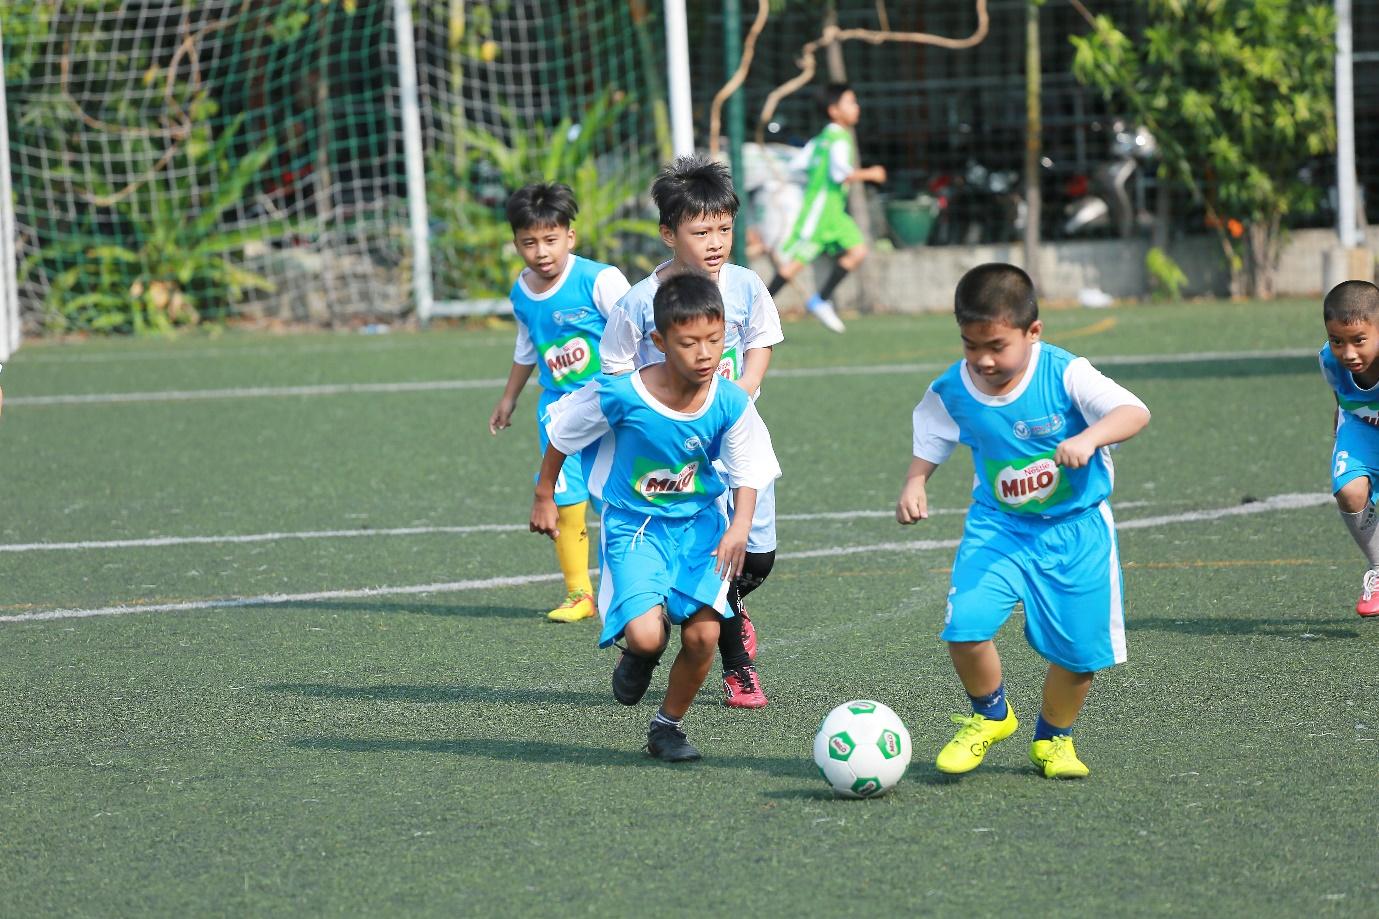 Nestlé MILO: truyền cảm hứng về một thế hệ Việt Nam năng động hơn